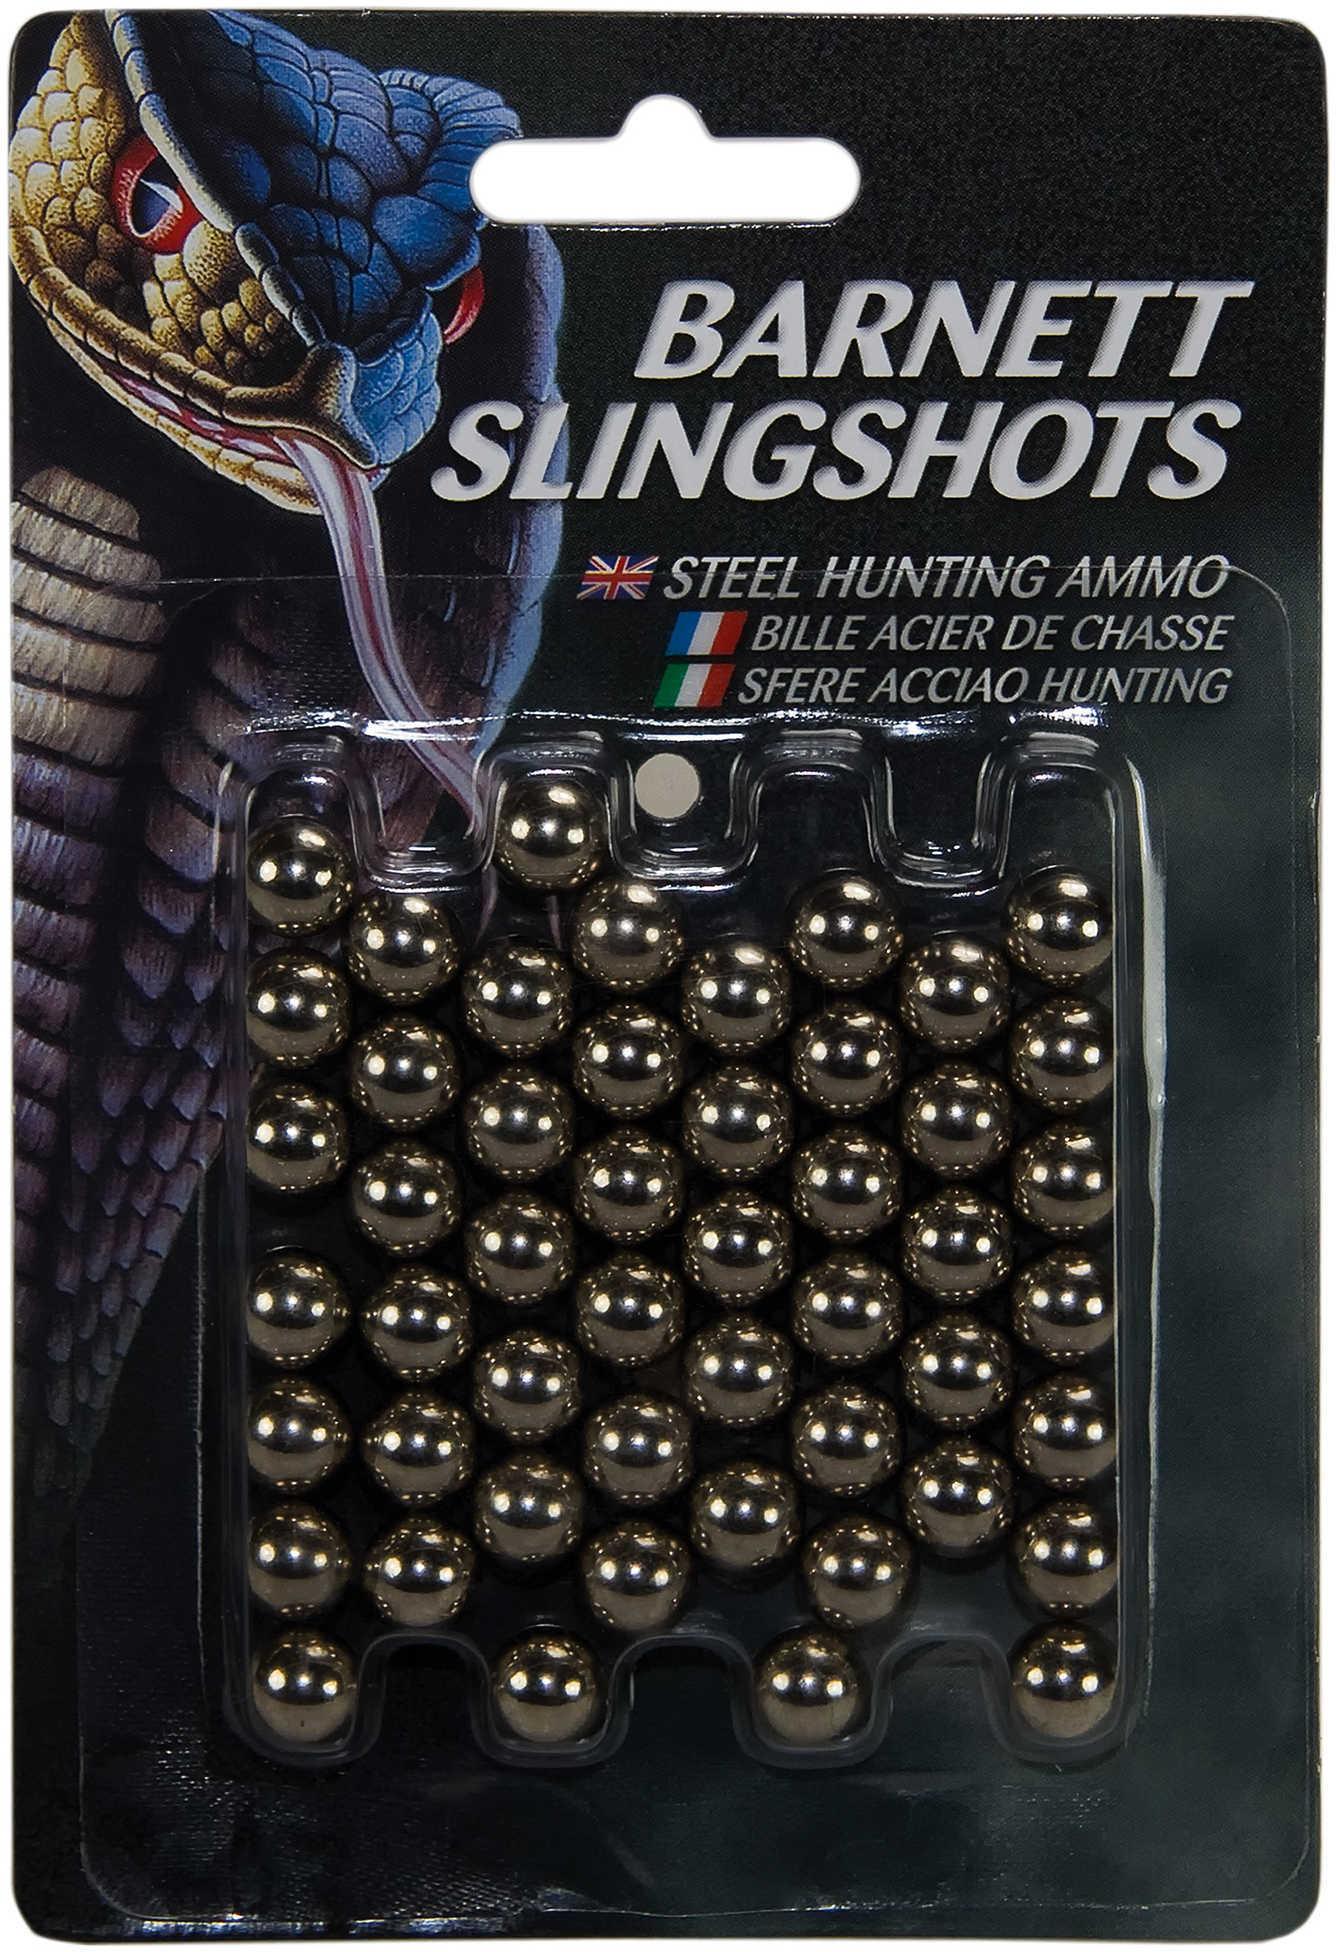 Barnett Slingshot Ammo, .38 Caliber Per 50 Md: 16087